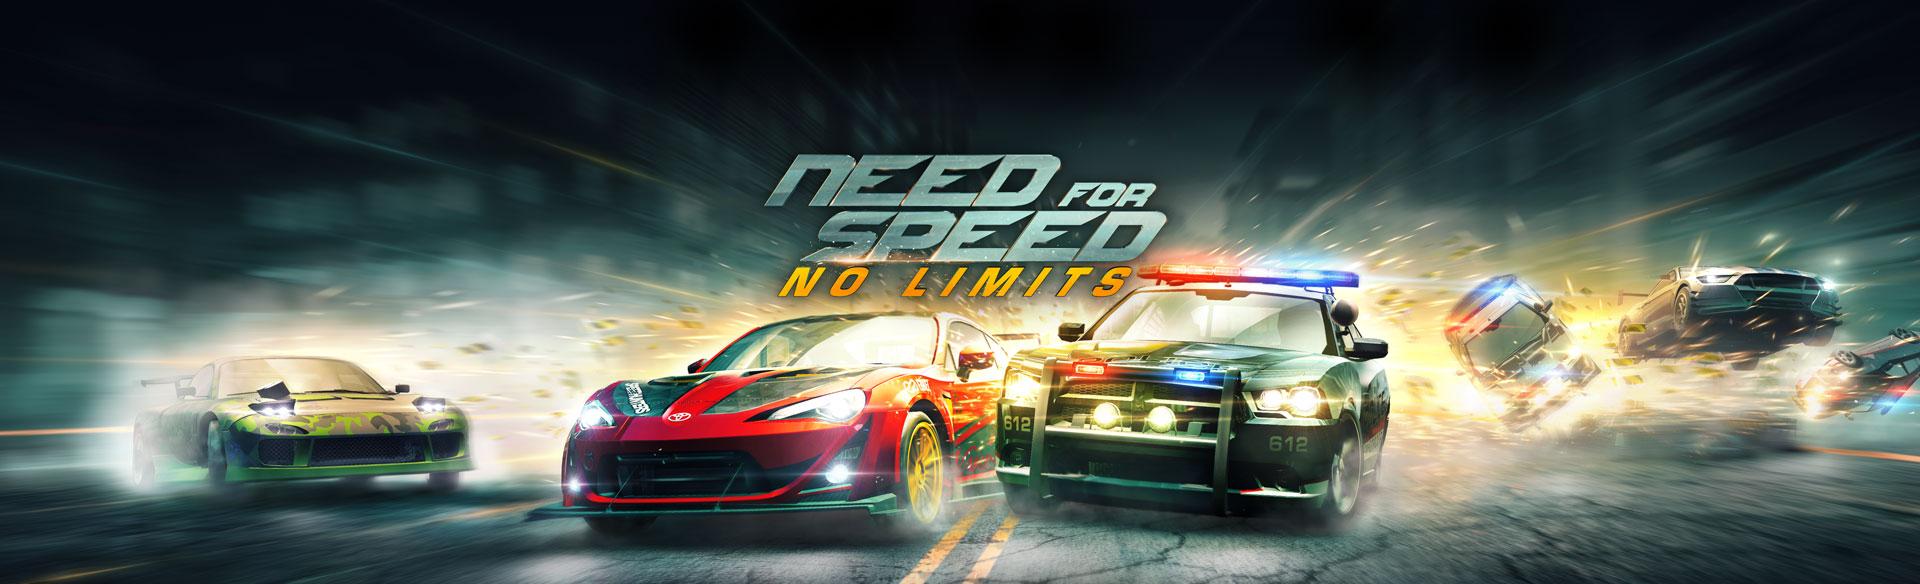 Need for Speed: No Limits přijíždí [aktualizováno]